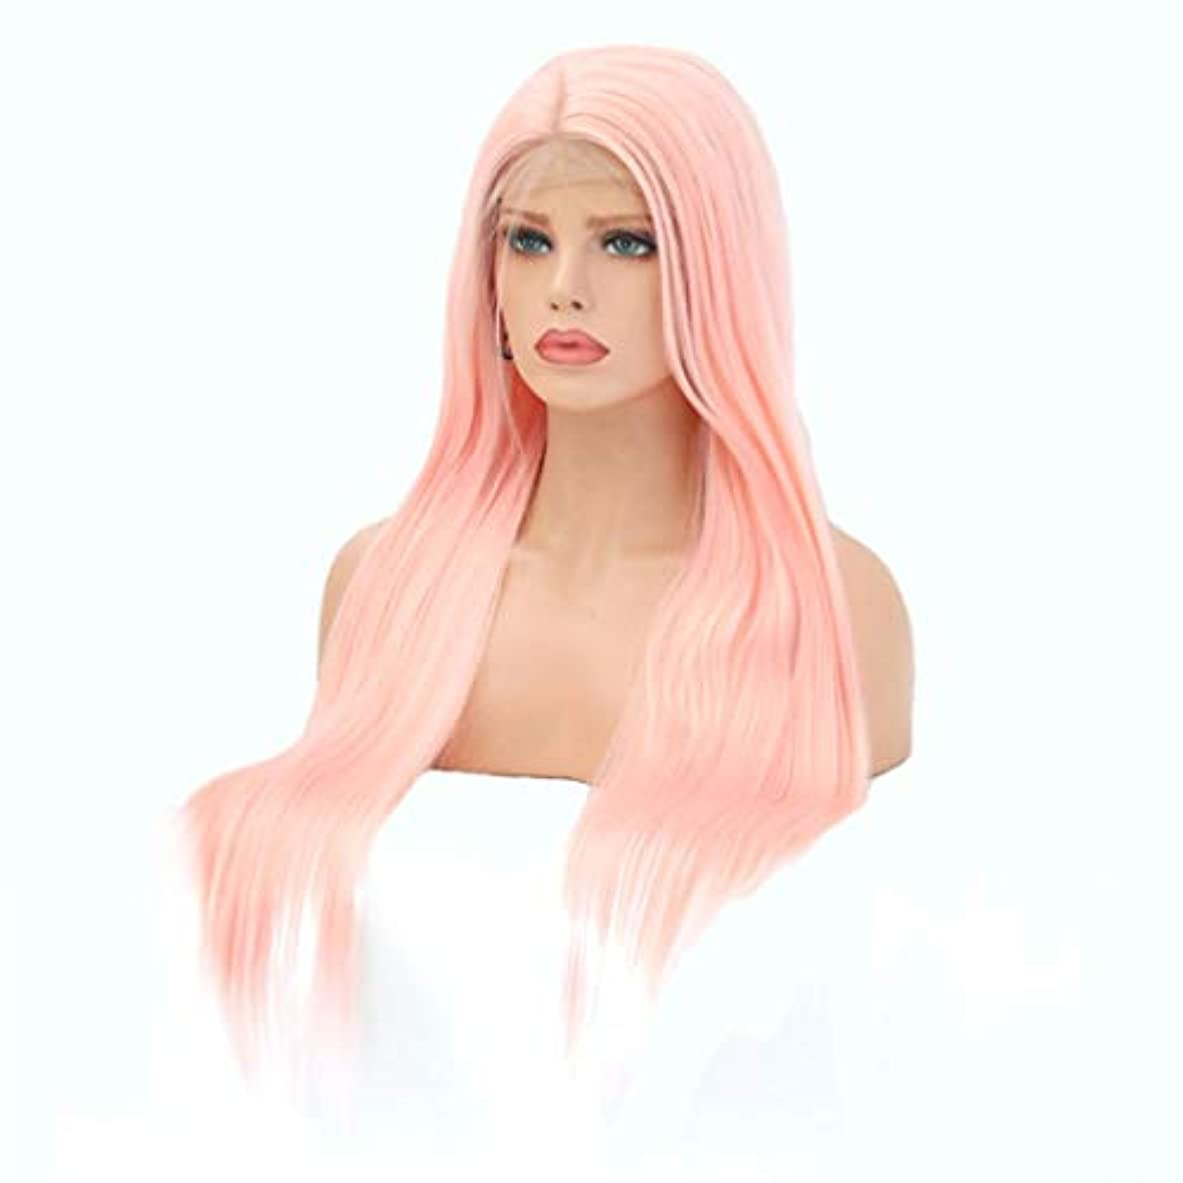 ダース破壊的なキャンバスKerwinner 女性のためのフロントレースウィッグピンクの長いストレートの髪の化学繊維ウィッグヘッドギア